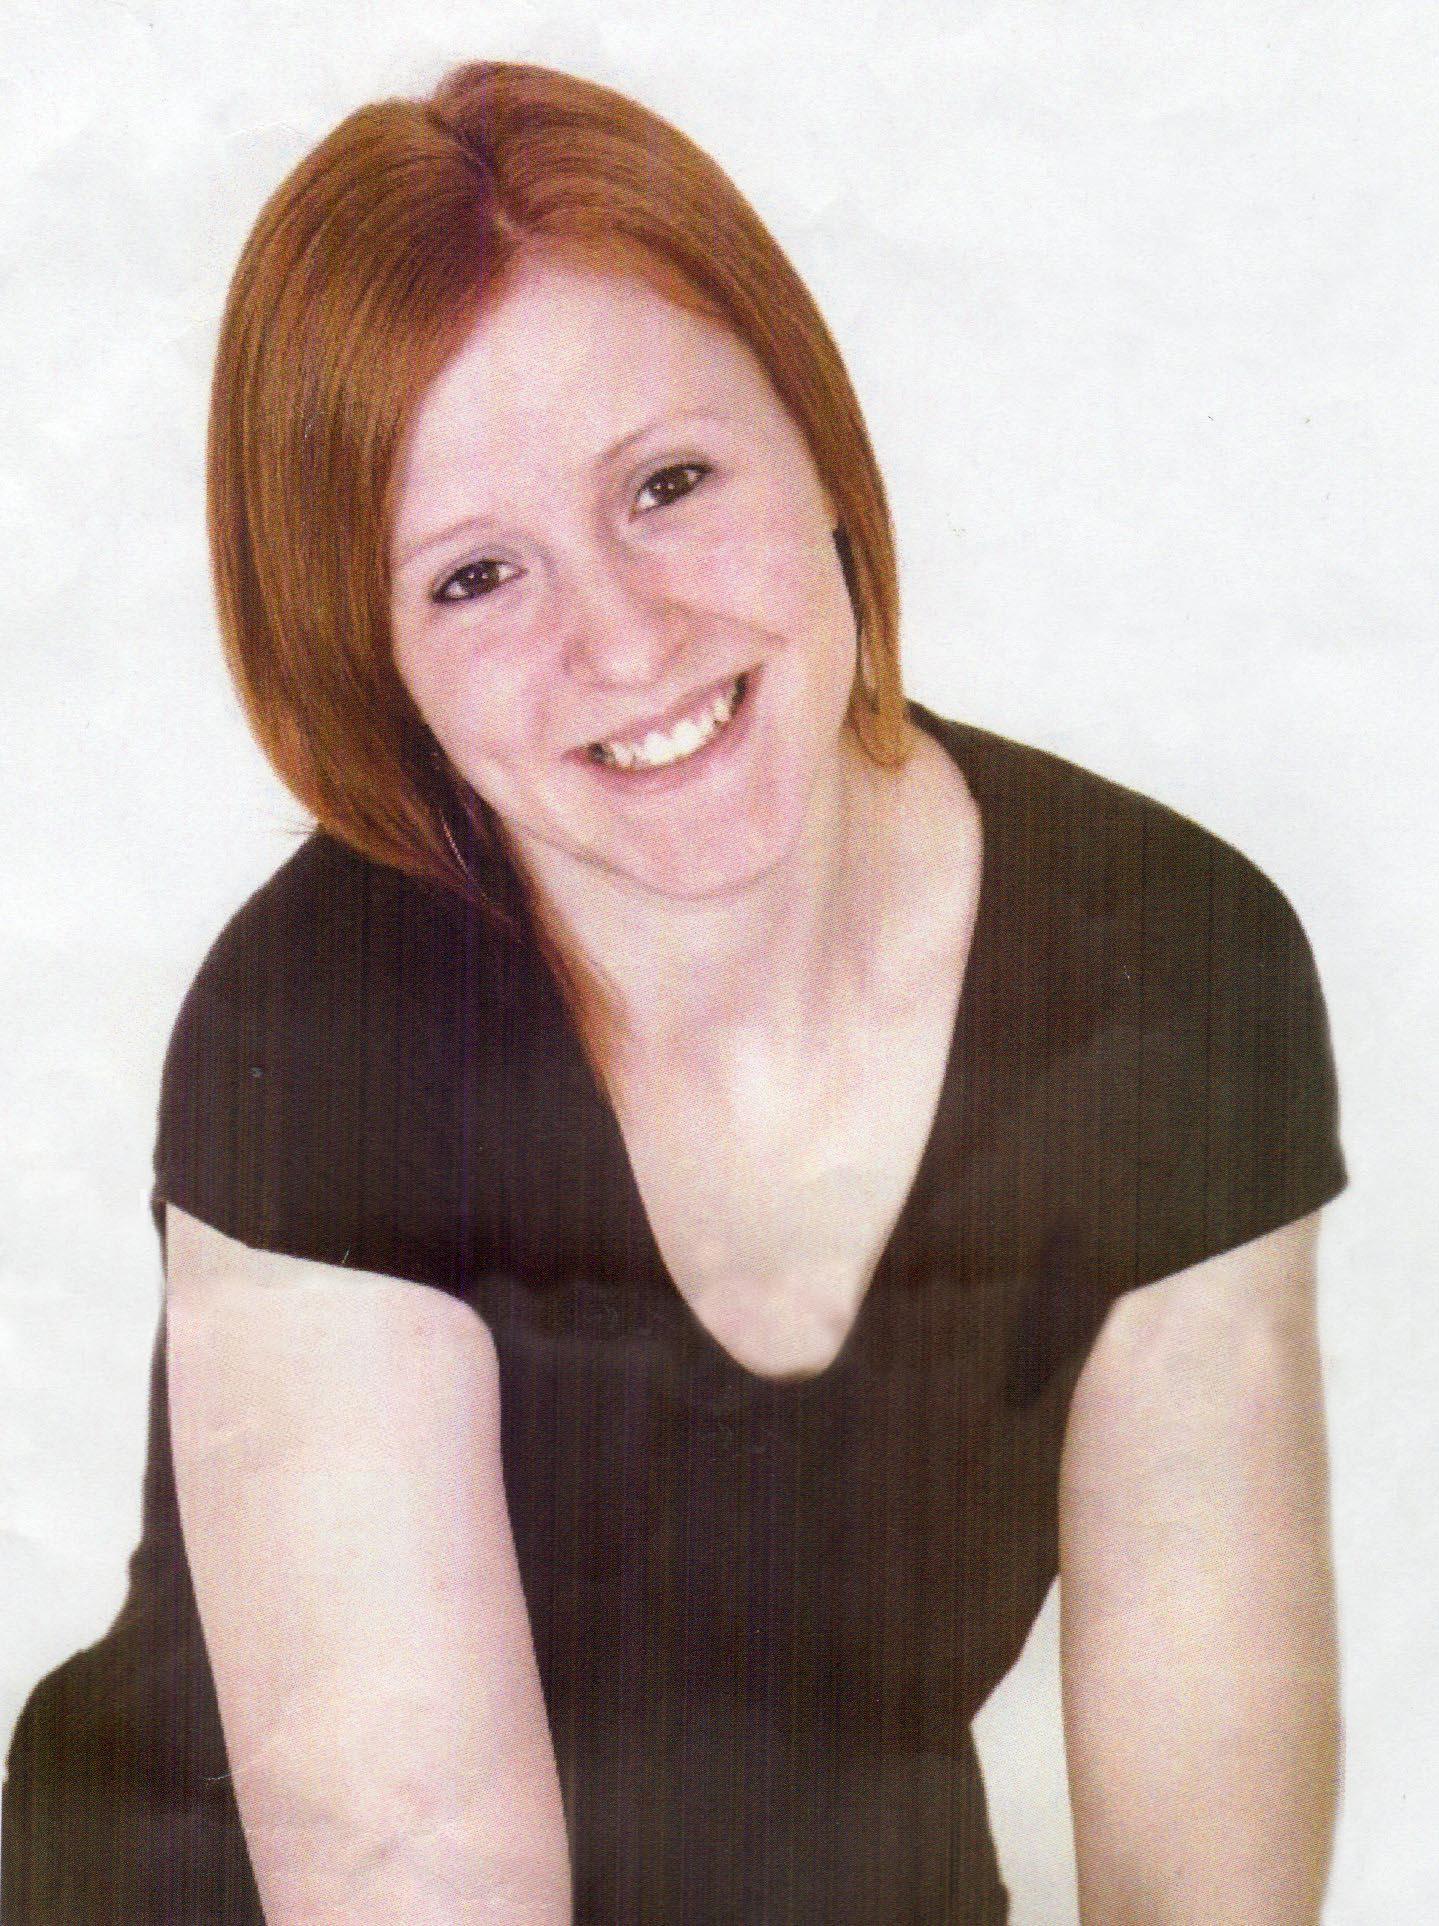 Joanne Vizor v2